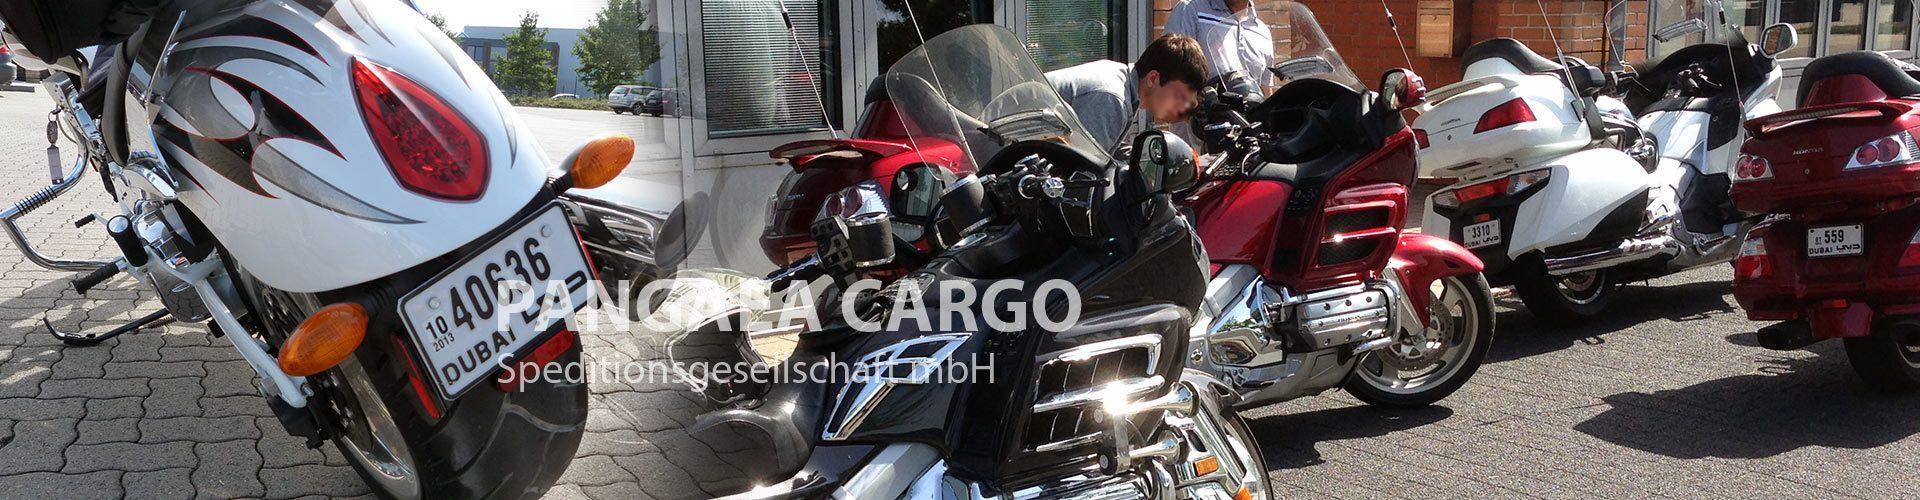 Dubai-Motorrad-Transport